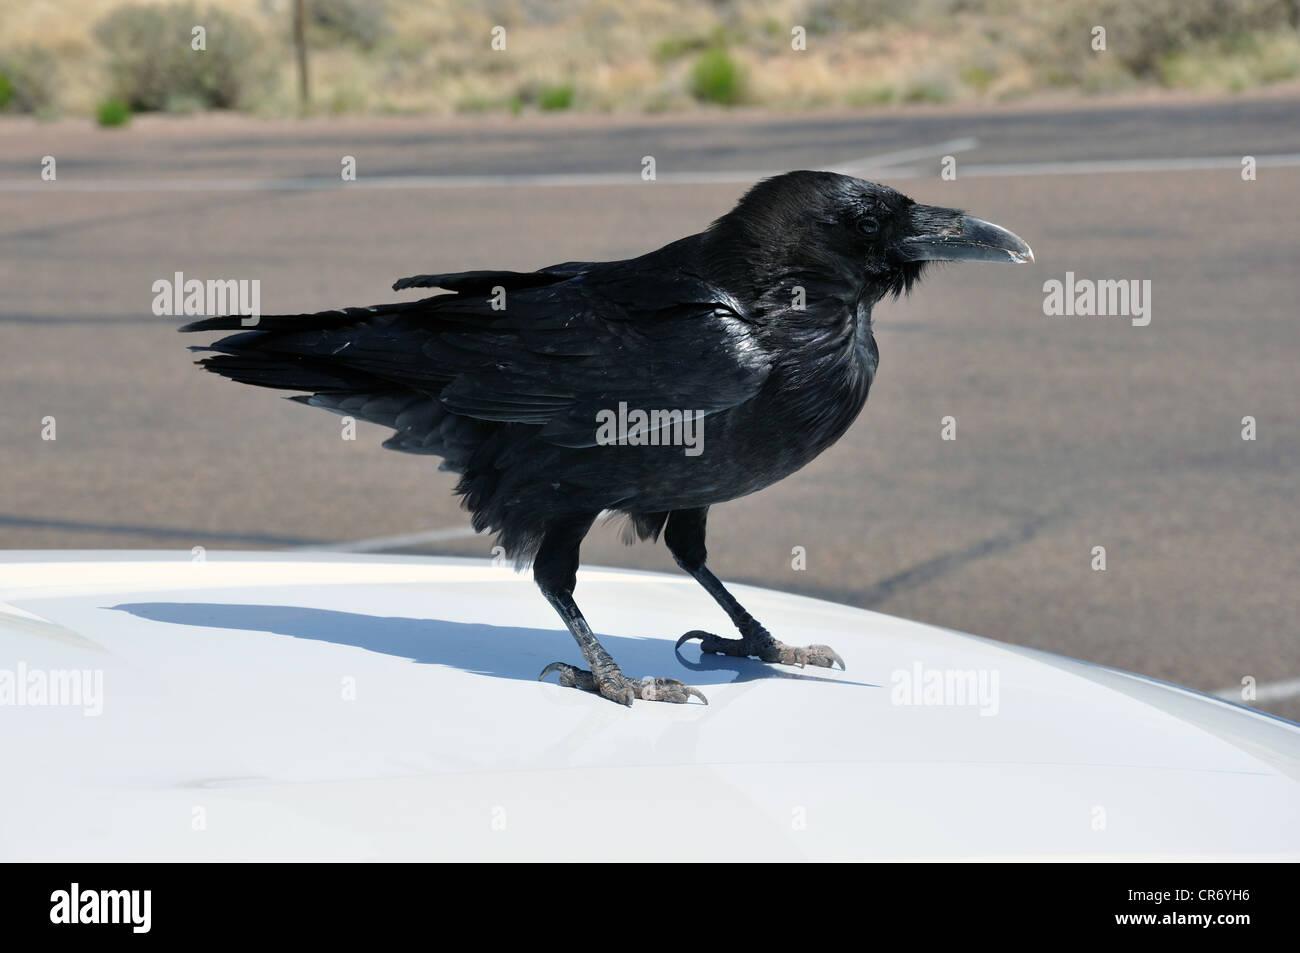 Black raven on top of the car, Grand Canyon, Arizona, USA - Stock Image